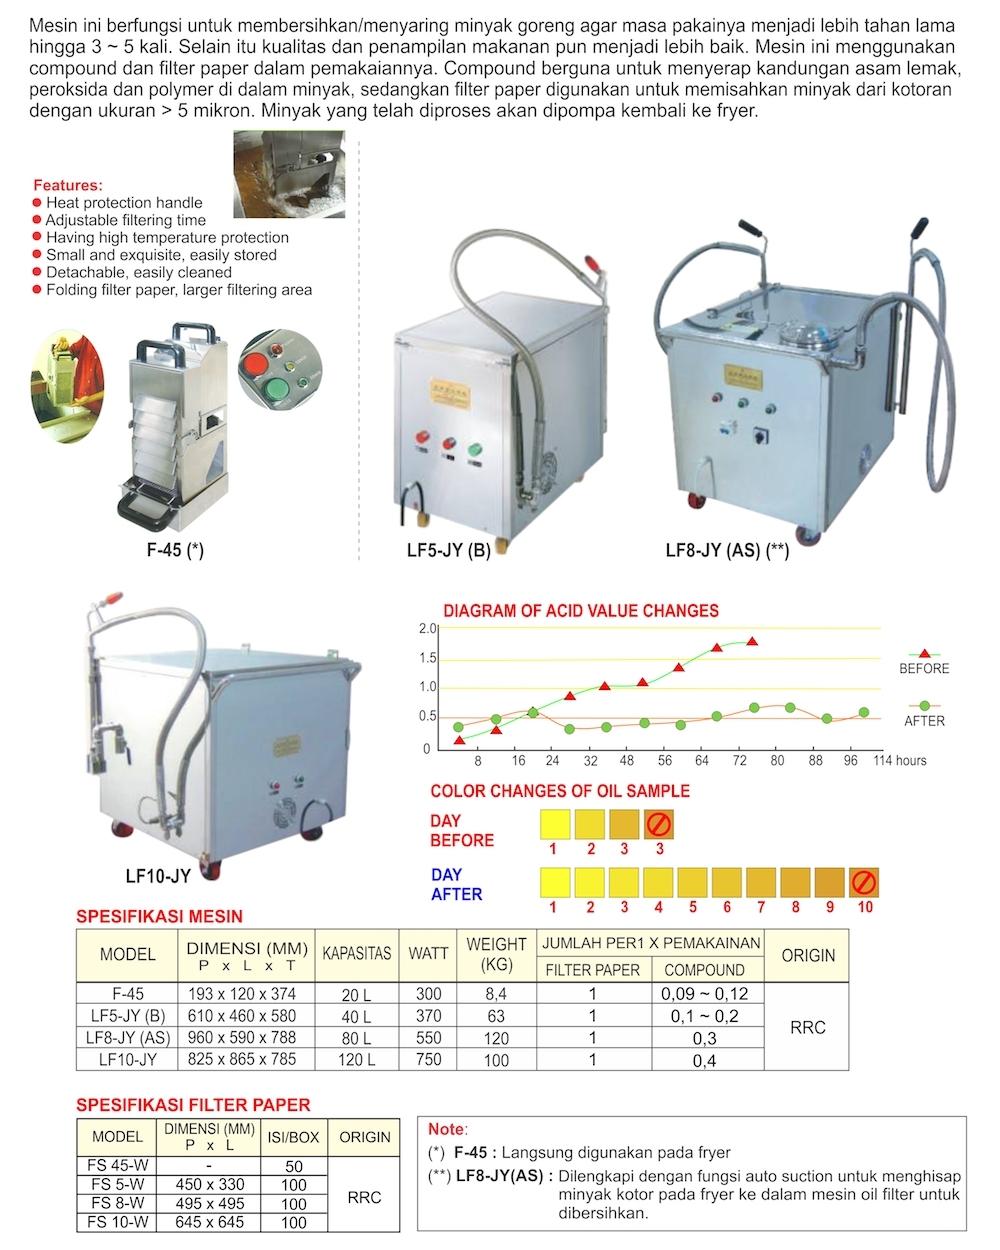 Mesin Penyaring Minyak Goreng | Mesin Penjernih Minyak | Oil Filter